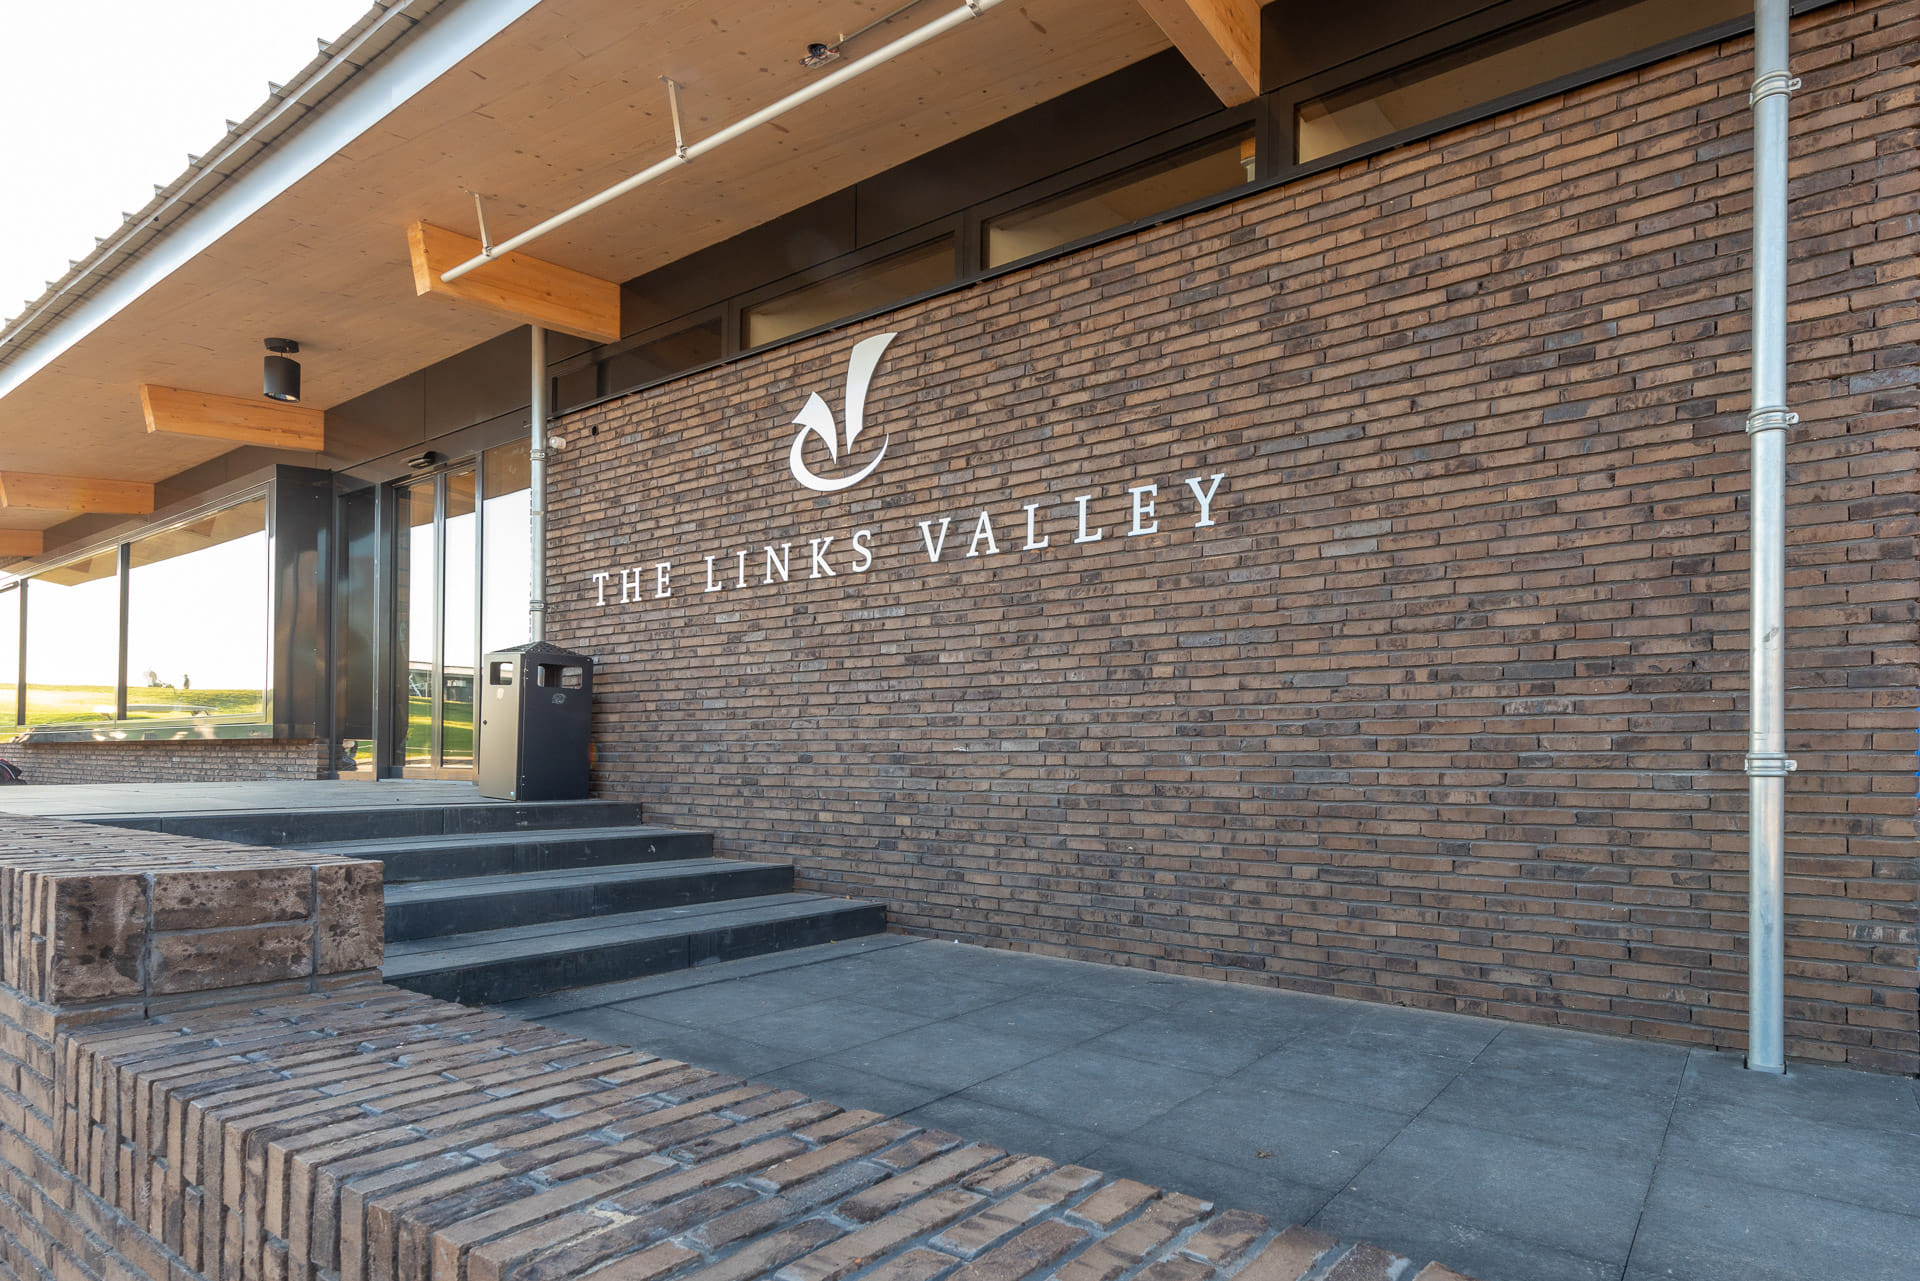 Muur met daarop letters The Links Valley